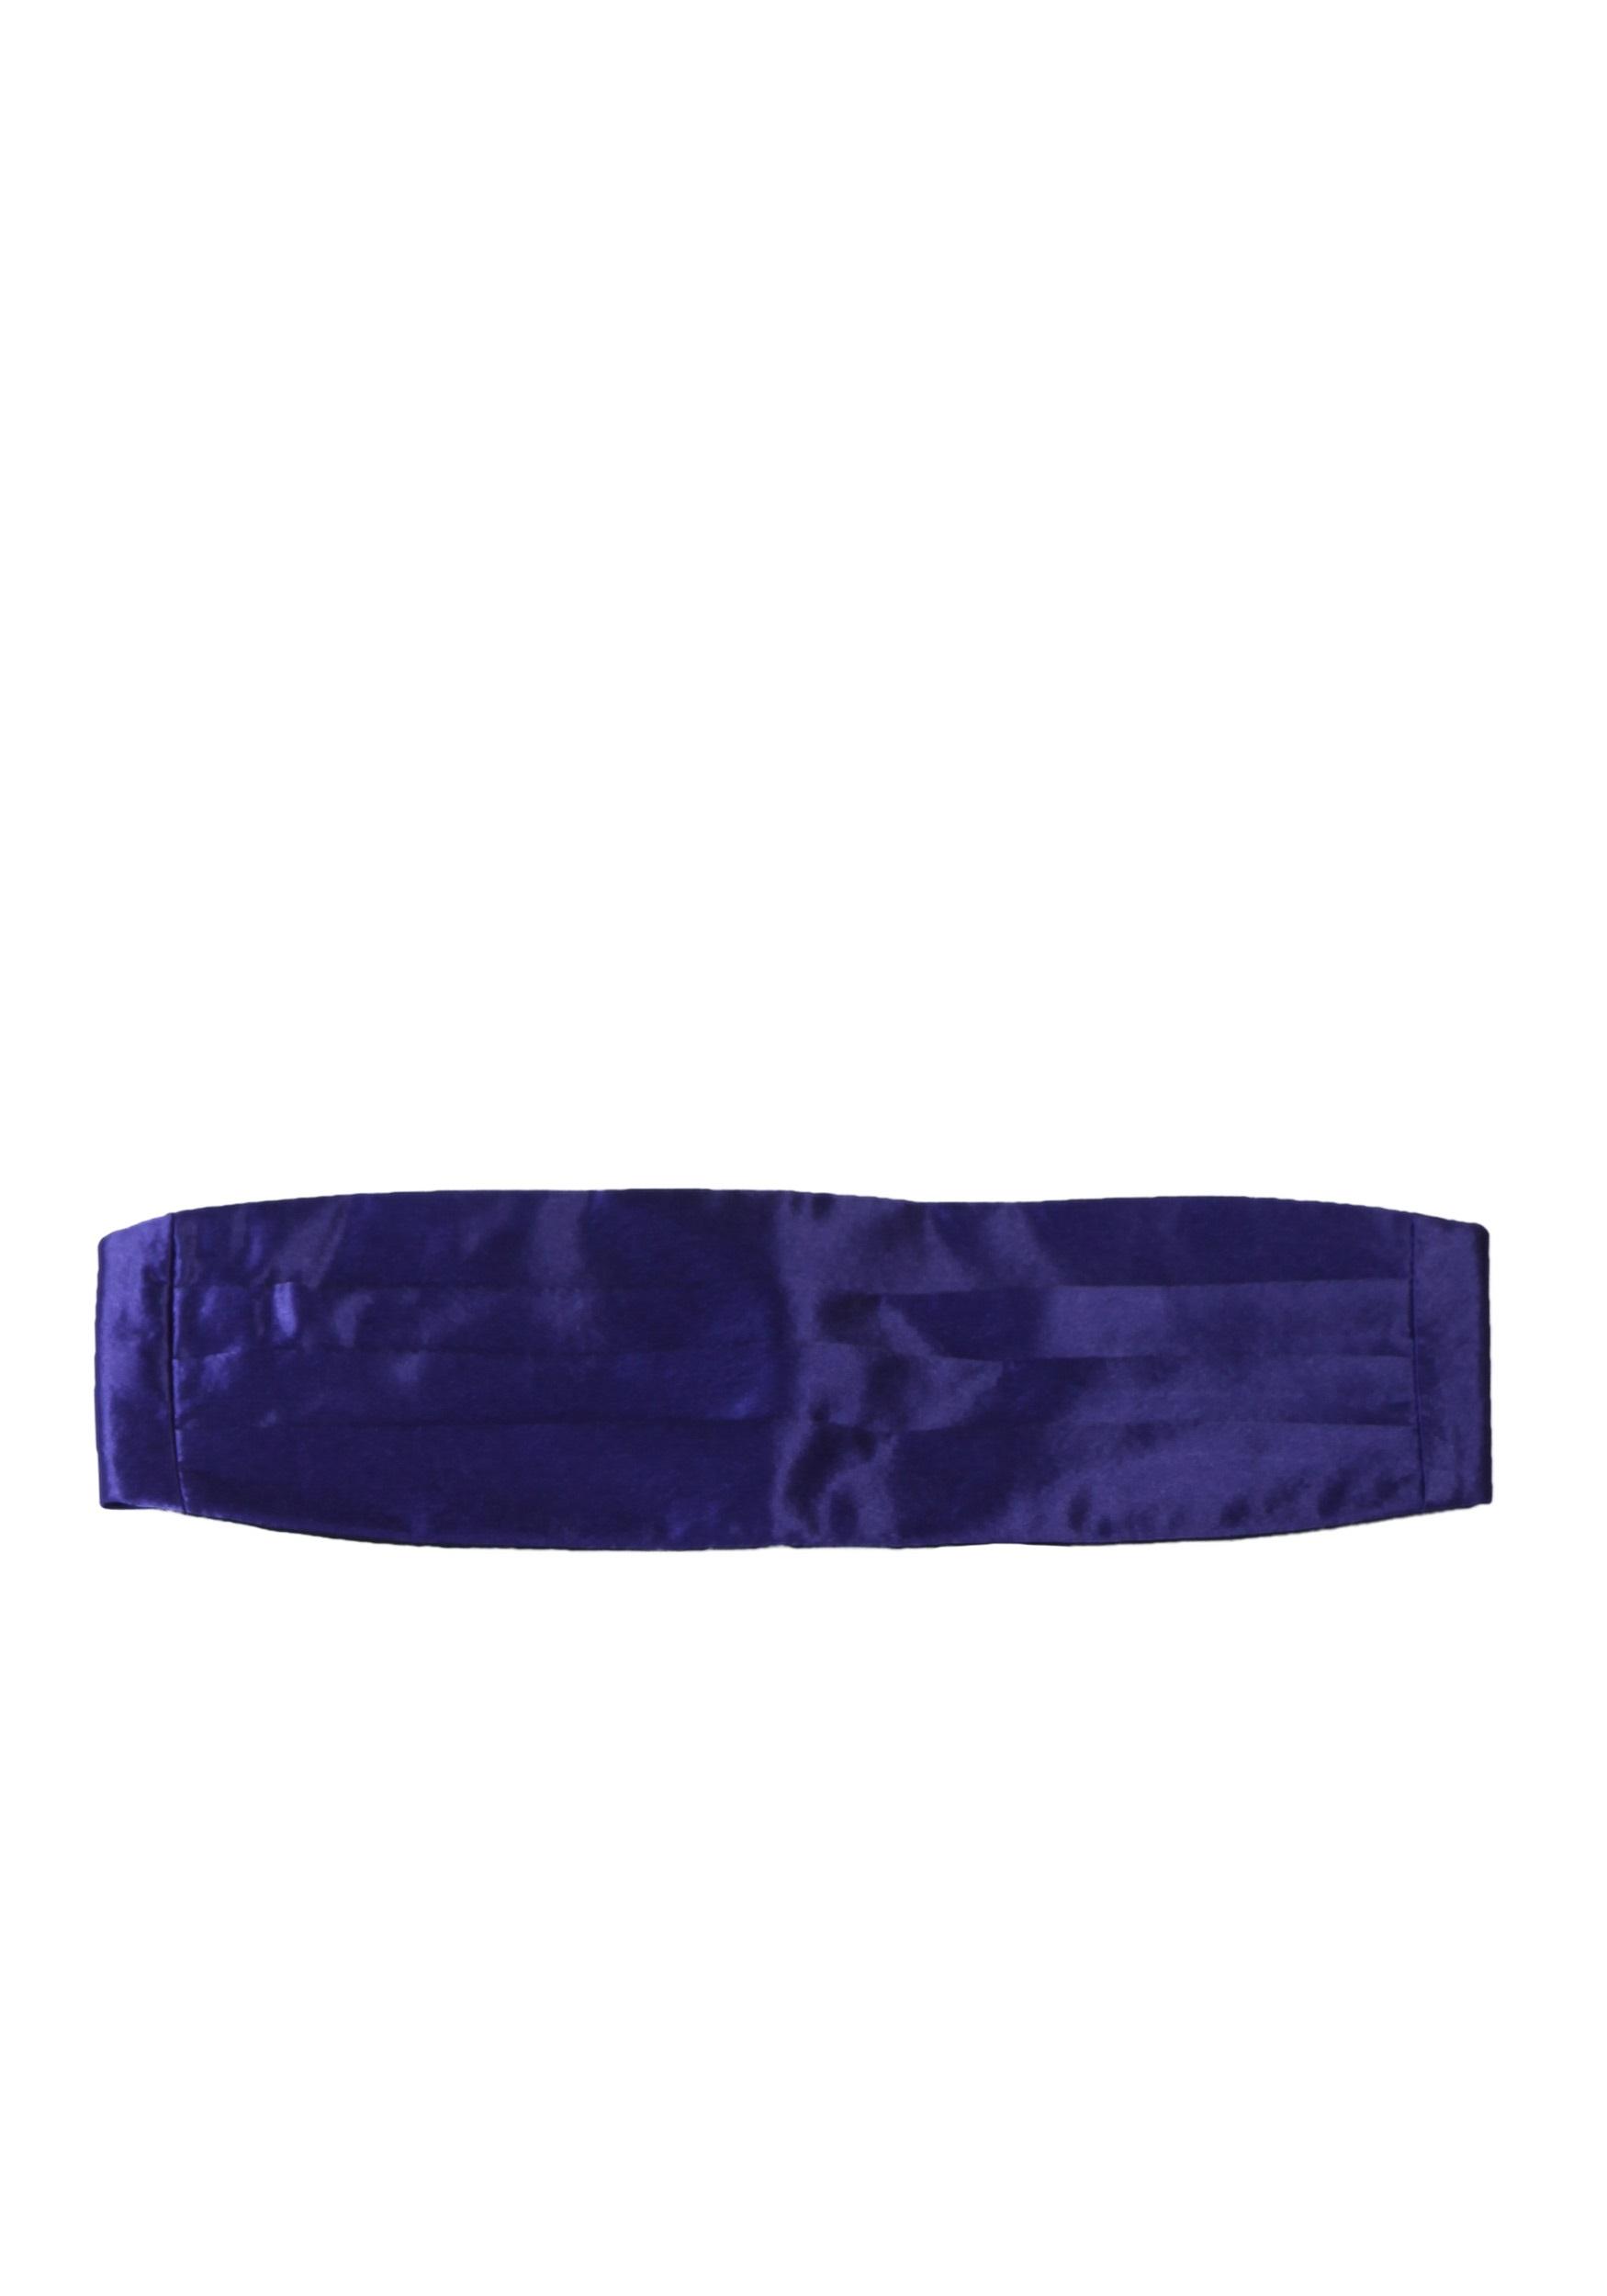 Purple_Cummerbund